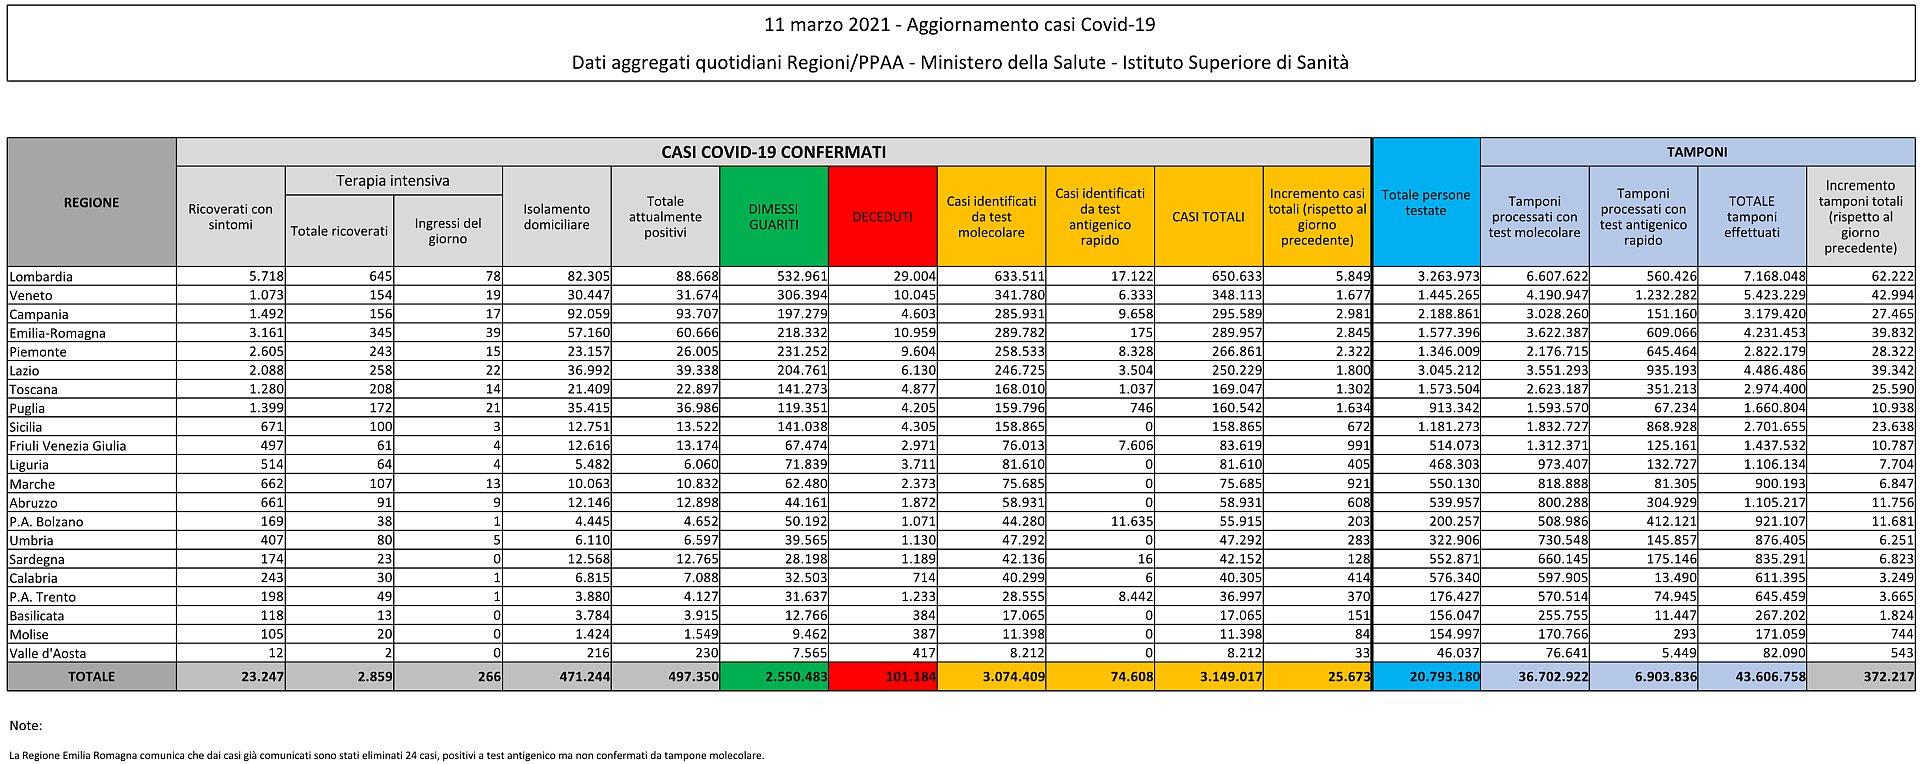 11 marzo 2021 - Aggiornamento casi Covid-19 Dati aggregati quotidiani Regioni/PPAA - Ministero della Salute - Istituto Superiore di Sanità